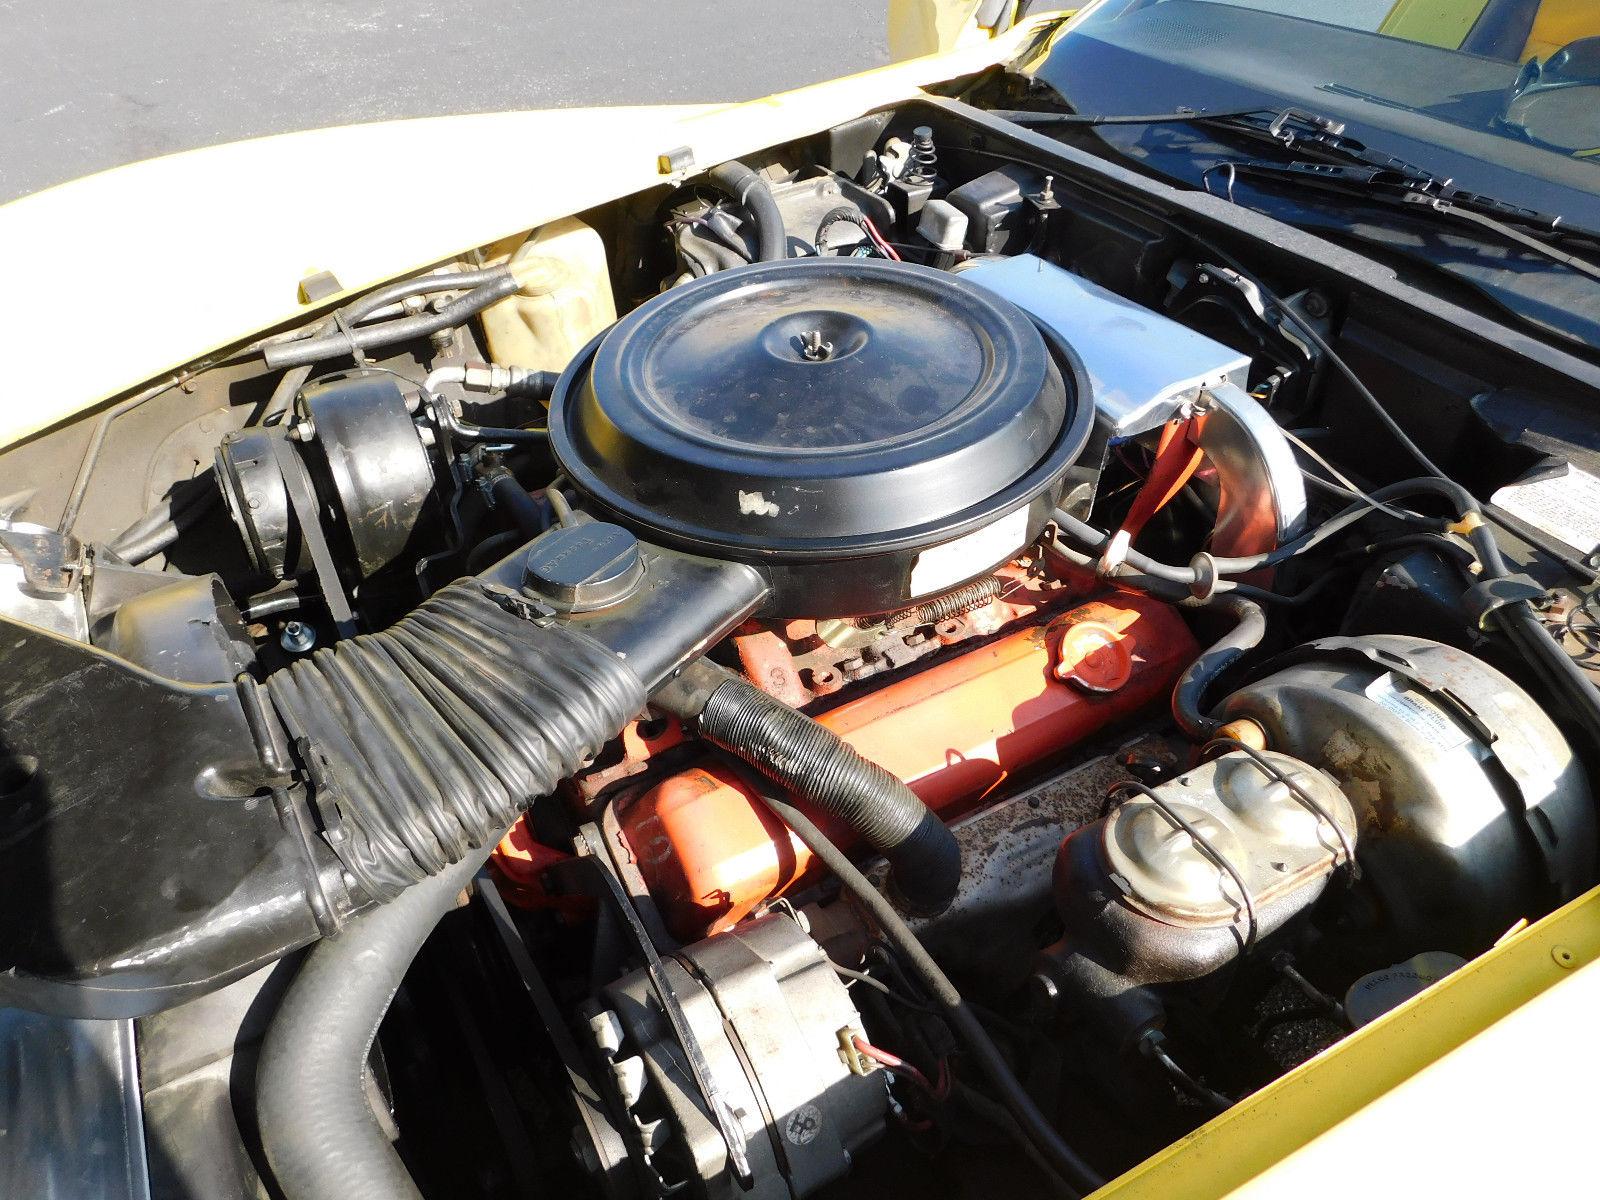 1977 Chevrolet Corvette engine